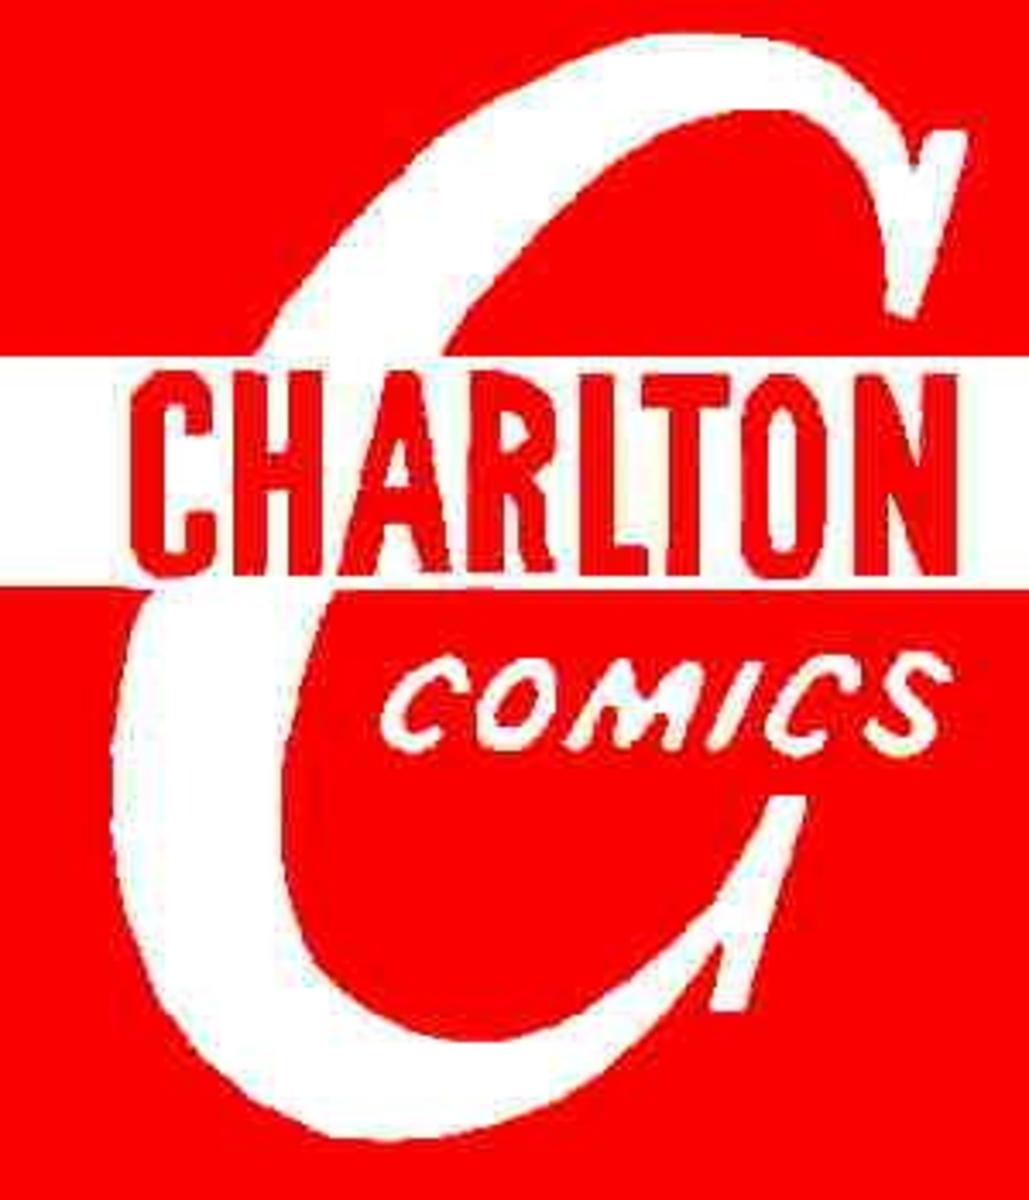 Charlton's 1960s cover logo.